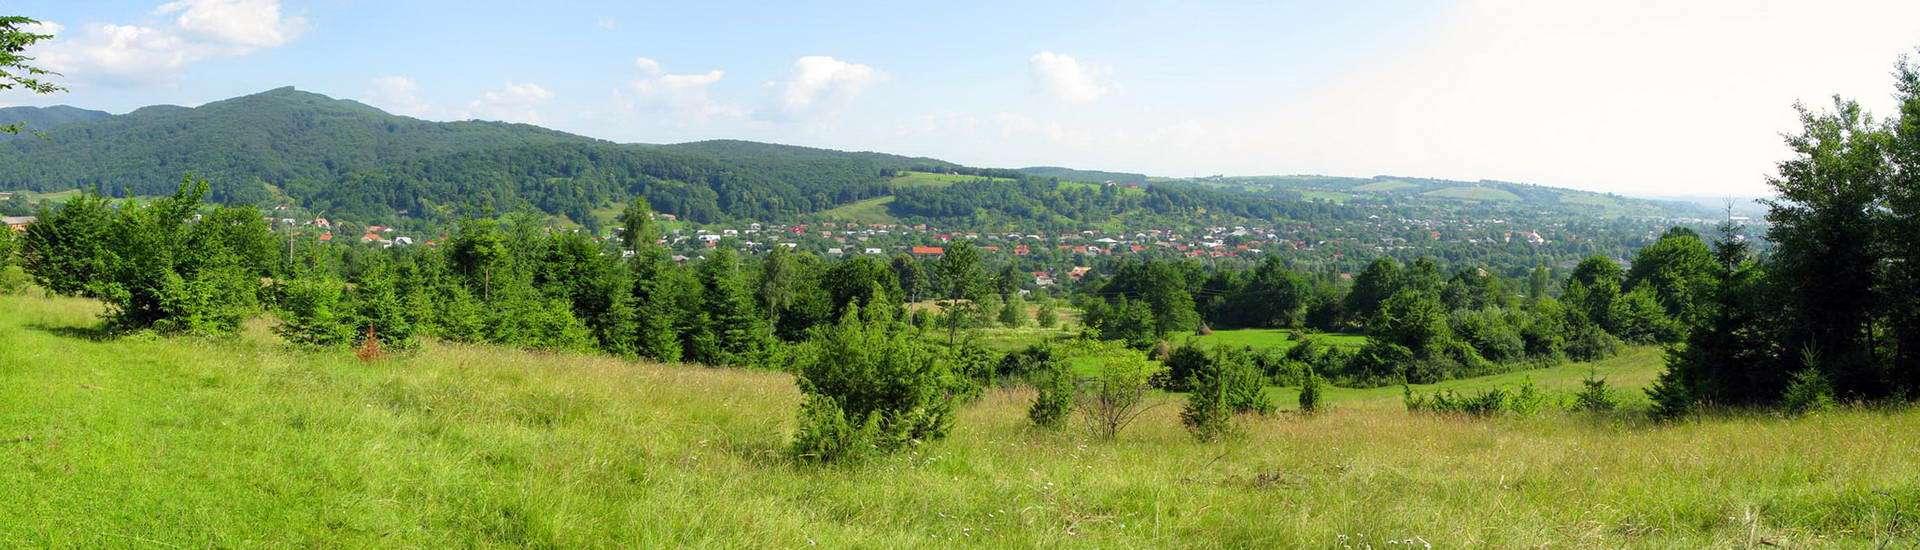 Косовский район, панорамный вид пгт Яблунов